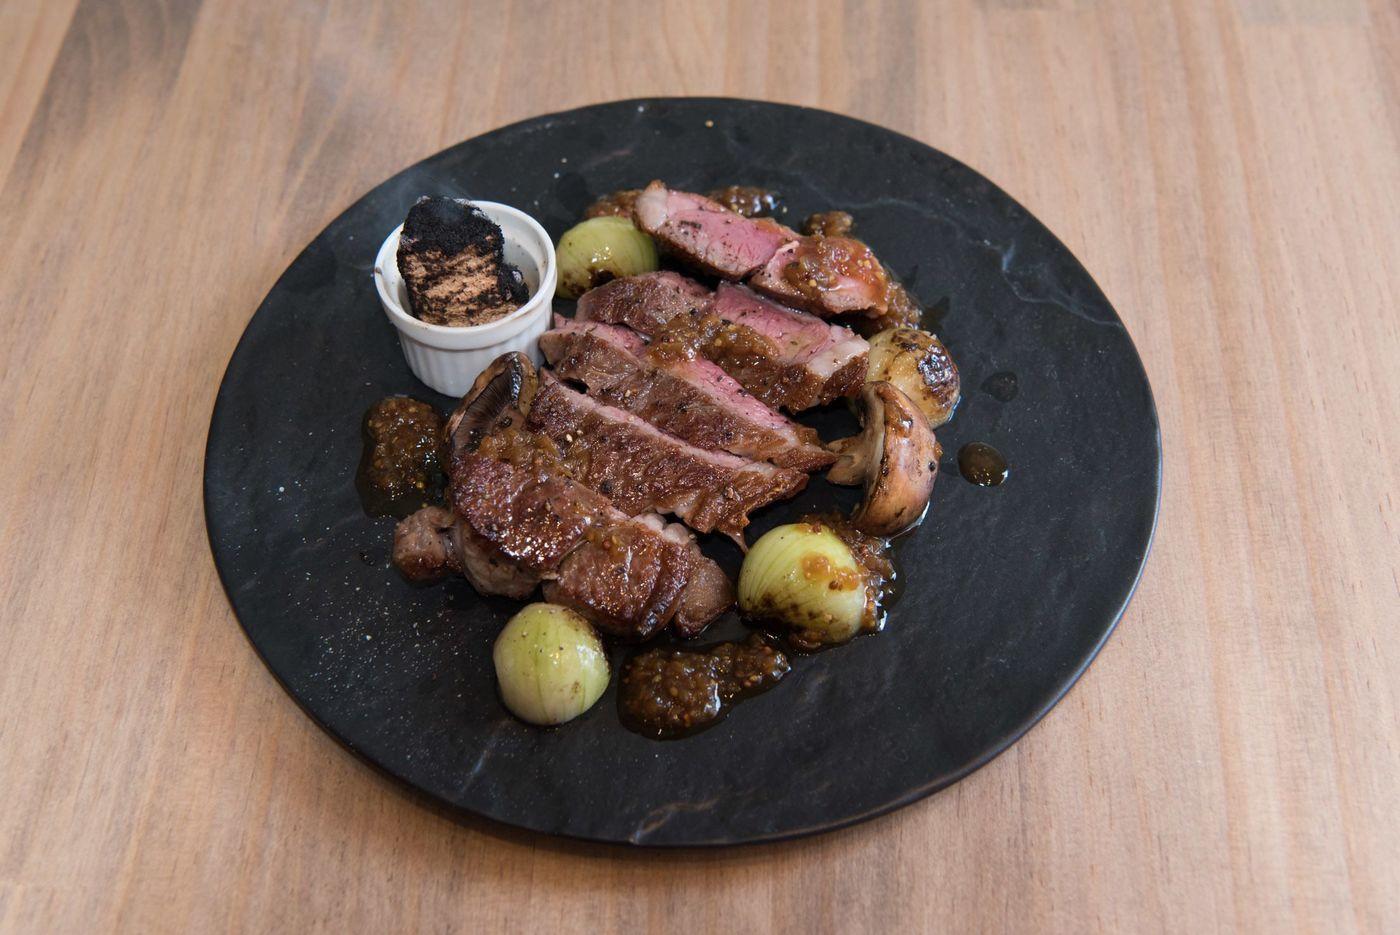 【高田馬場×肉バル】美味しい肉とお酒が揃うオススメ5選♪の5枚目の画像の画像